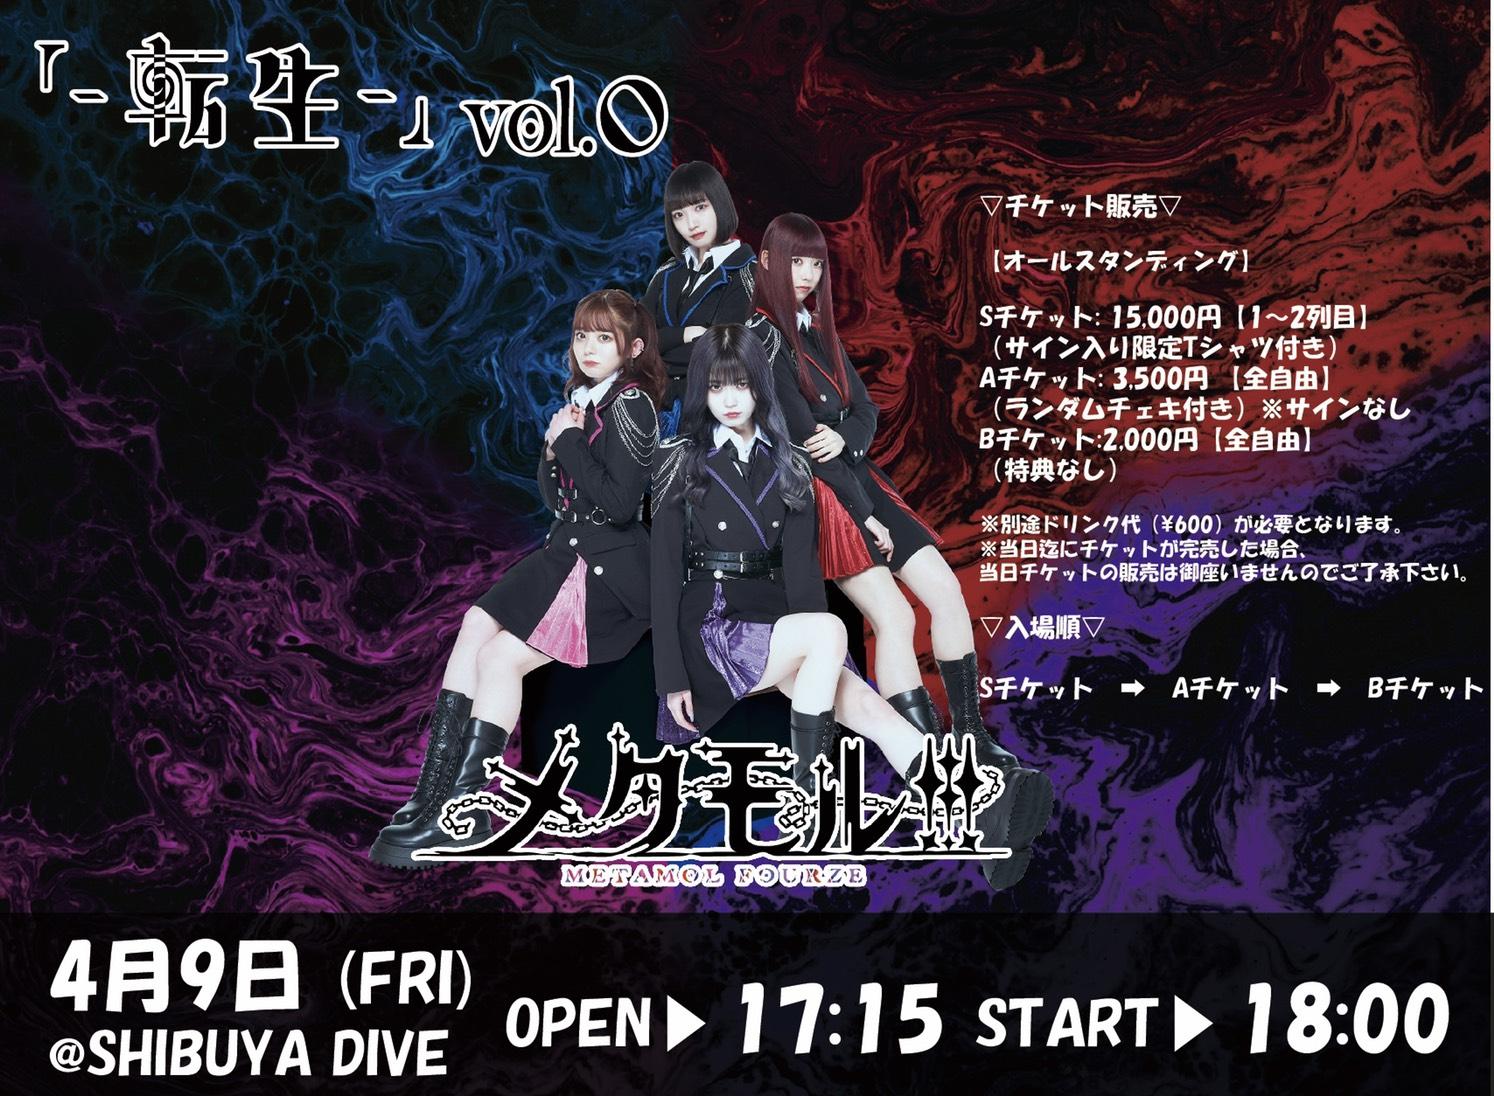 メタモル!!! デビューライブ【-転生-】vol.0 公演